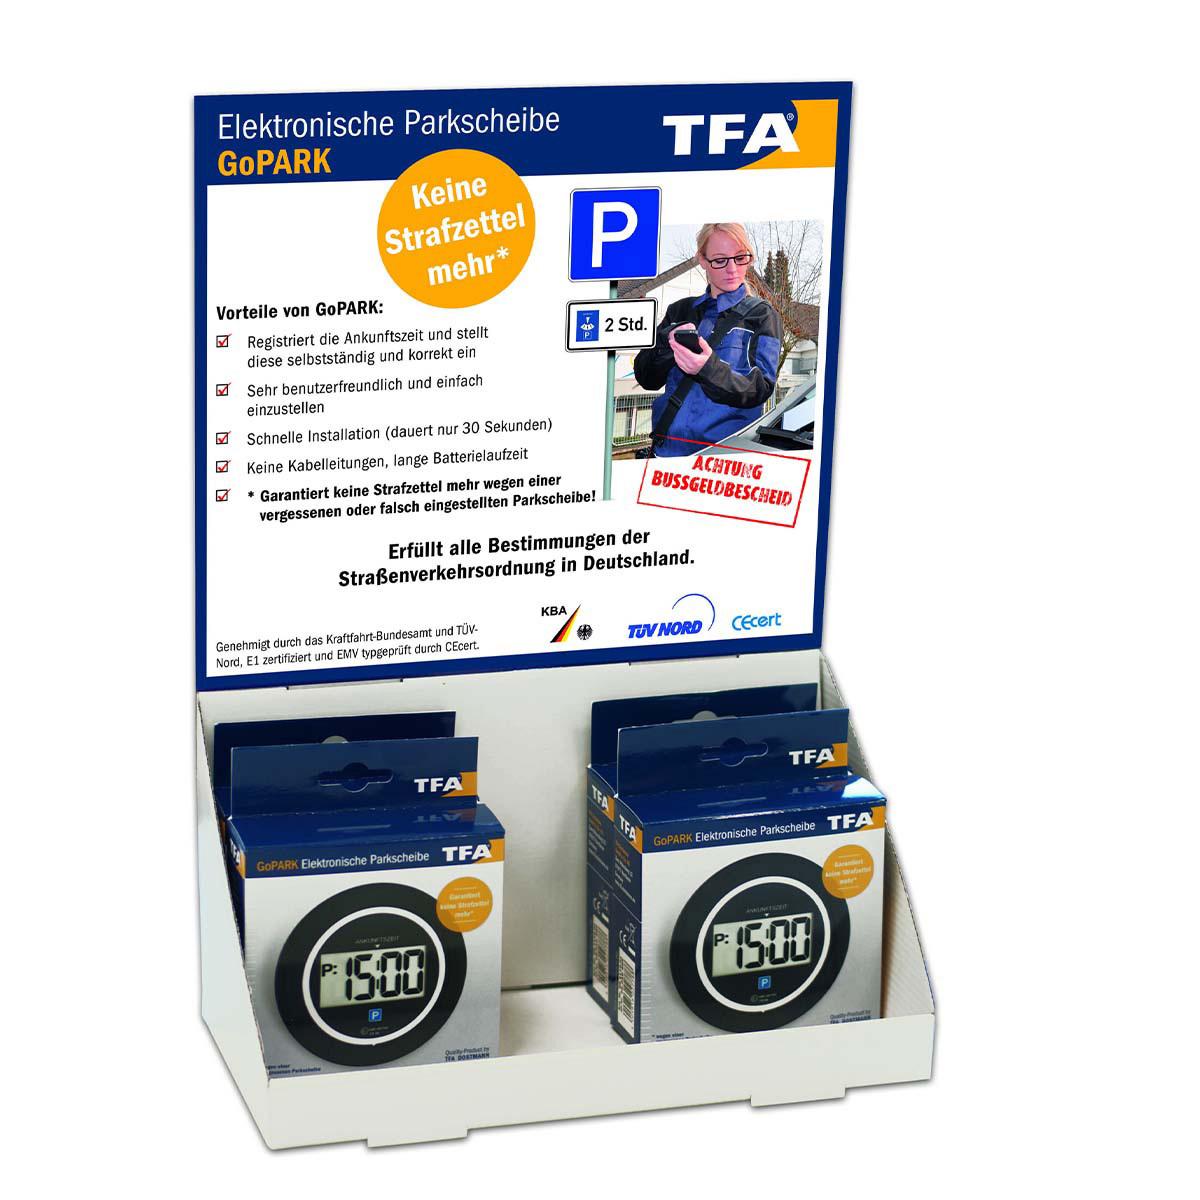 95-2013-tfa-thekendisplay-gopark-elektronische-parkscheibe-1200x1200px.jpg